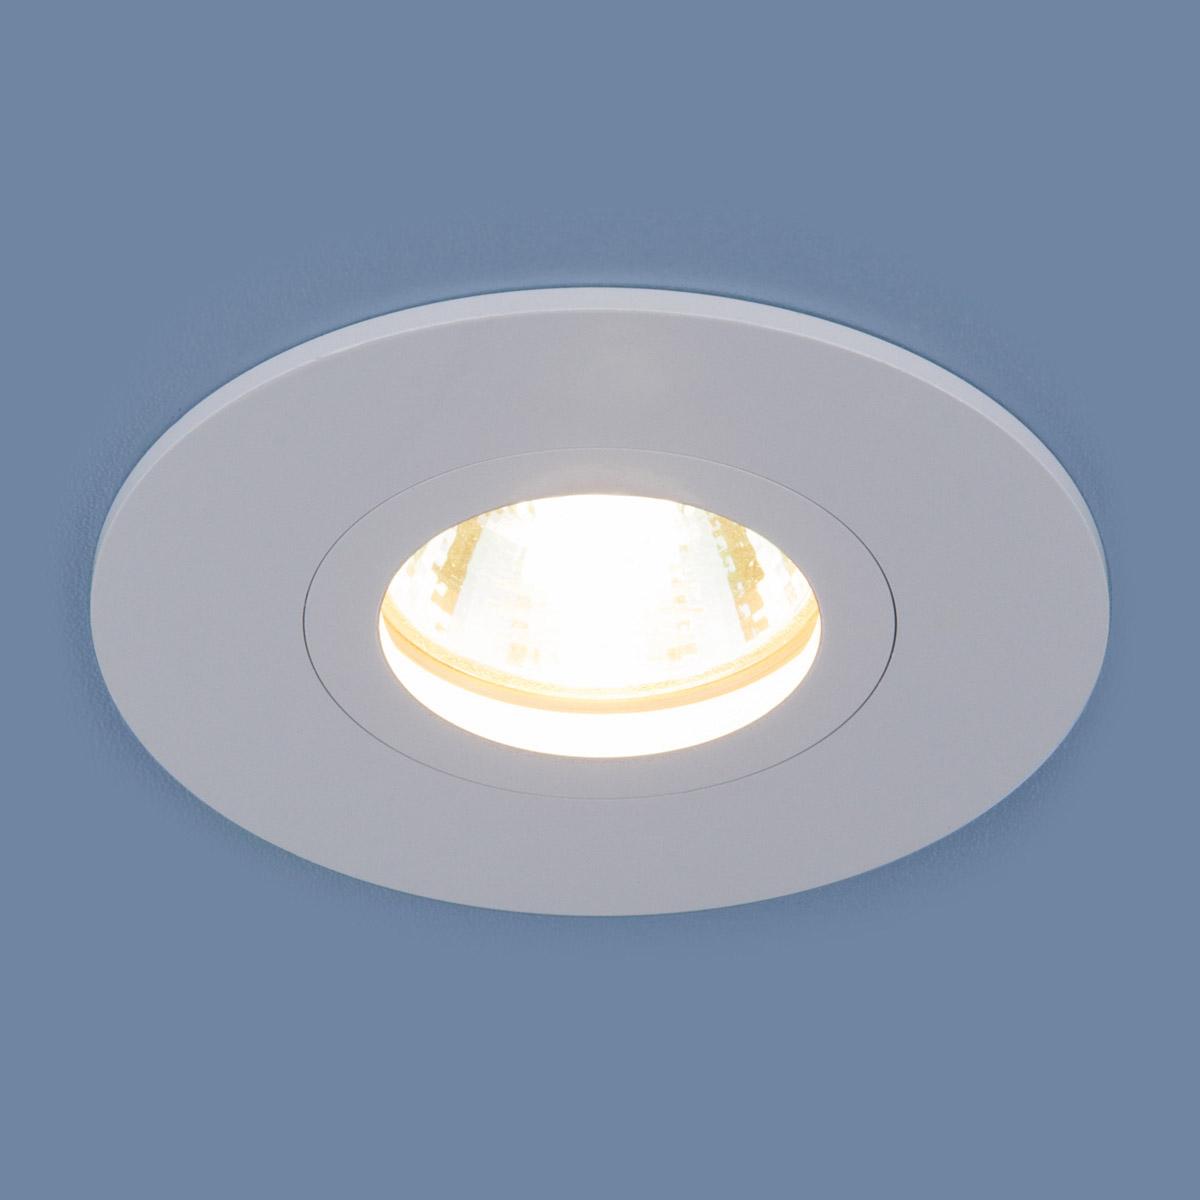 Встраиваемый светильник Elektrostandard, G5.3, 50 Вт недорго, оригинальная цена